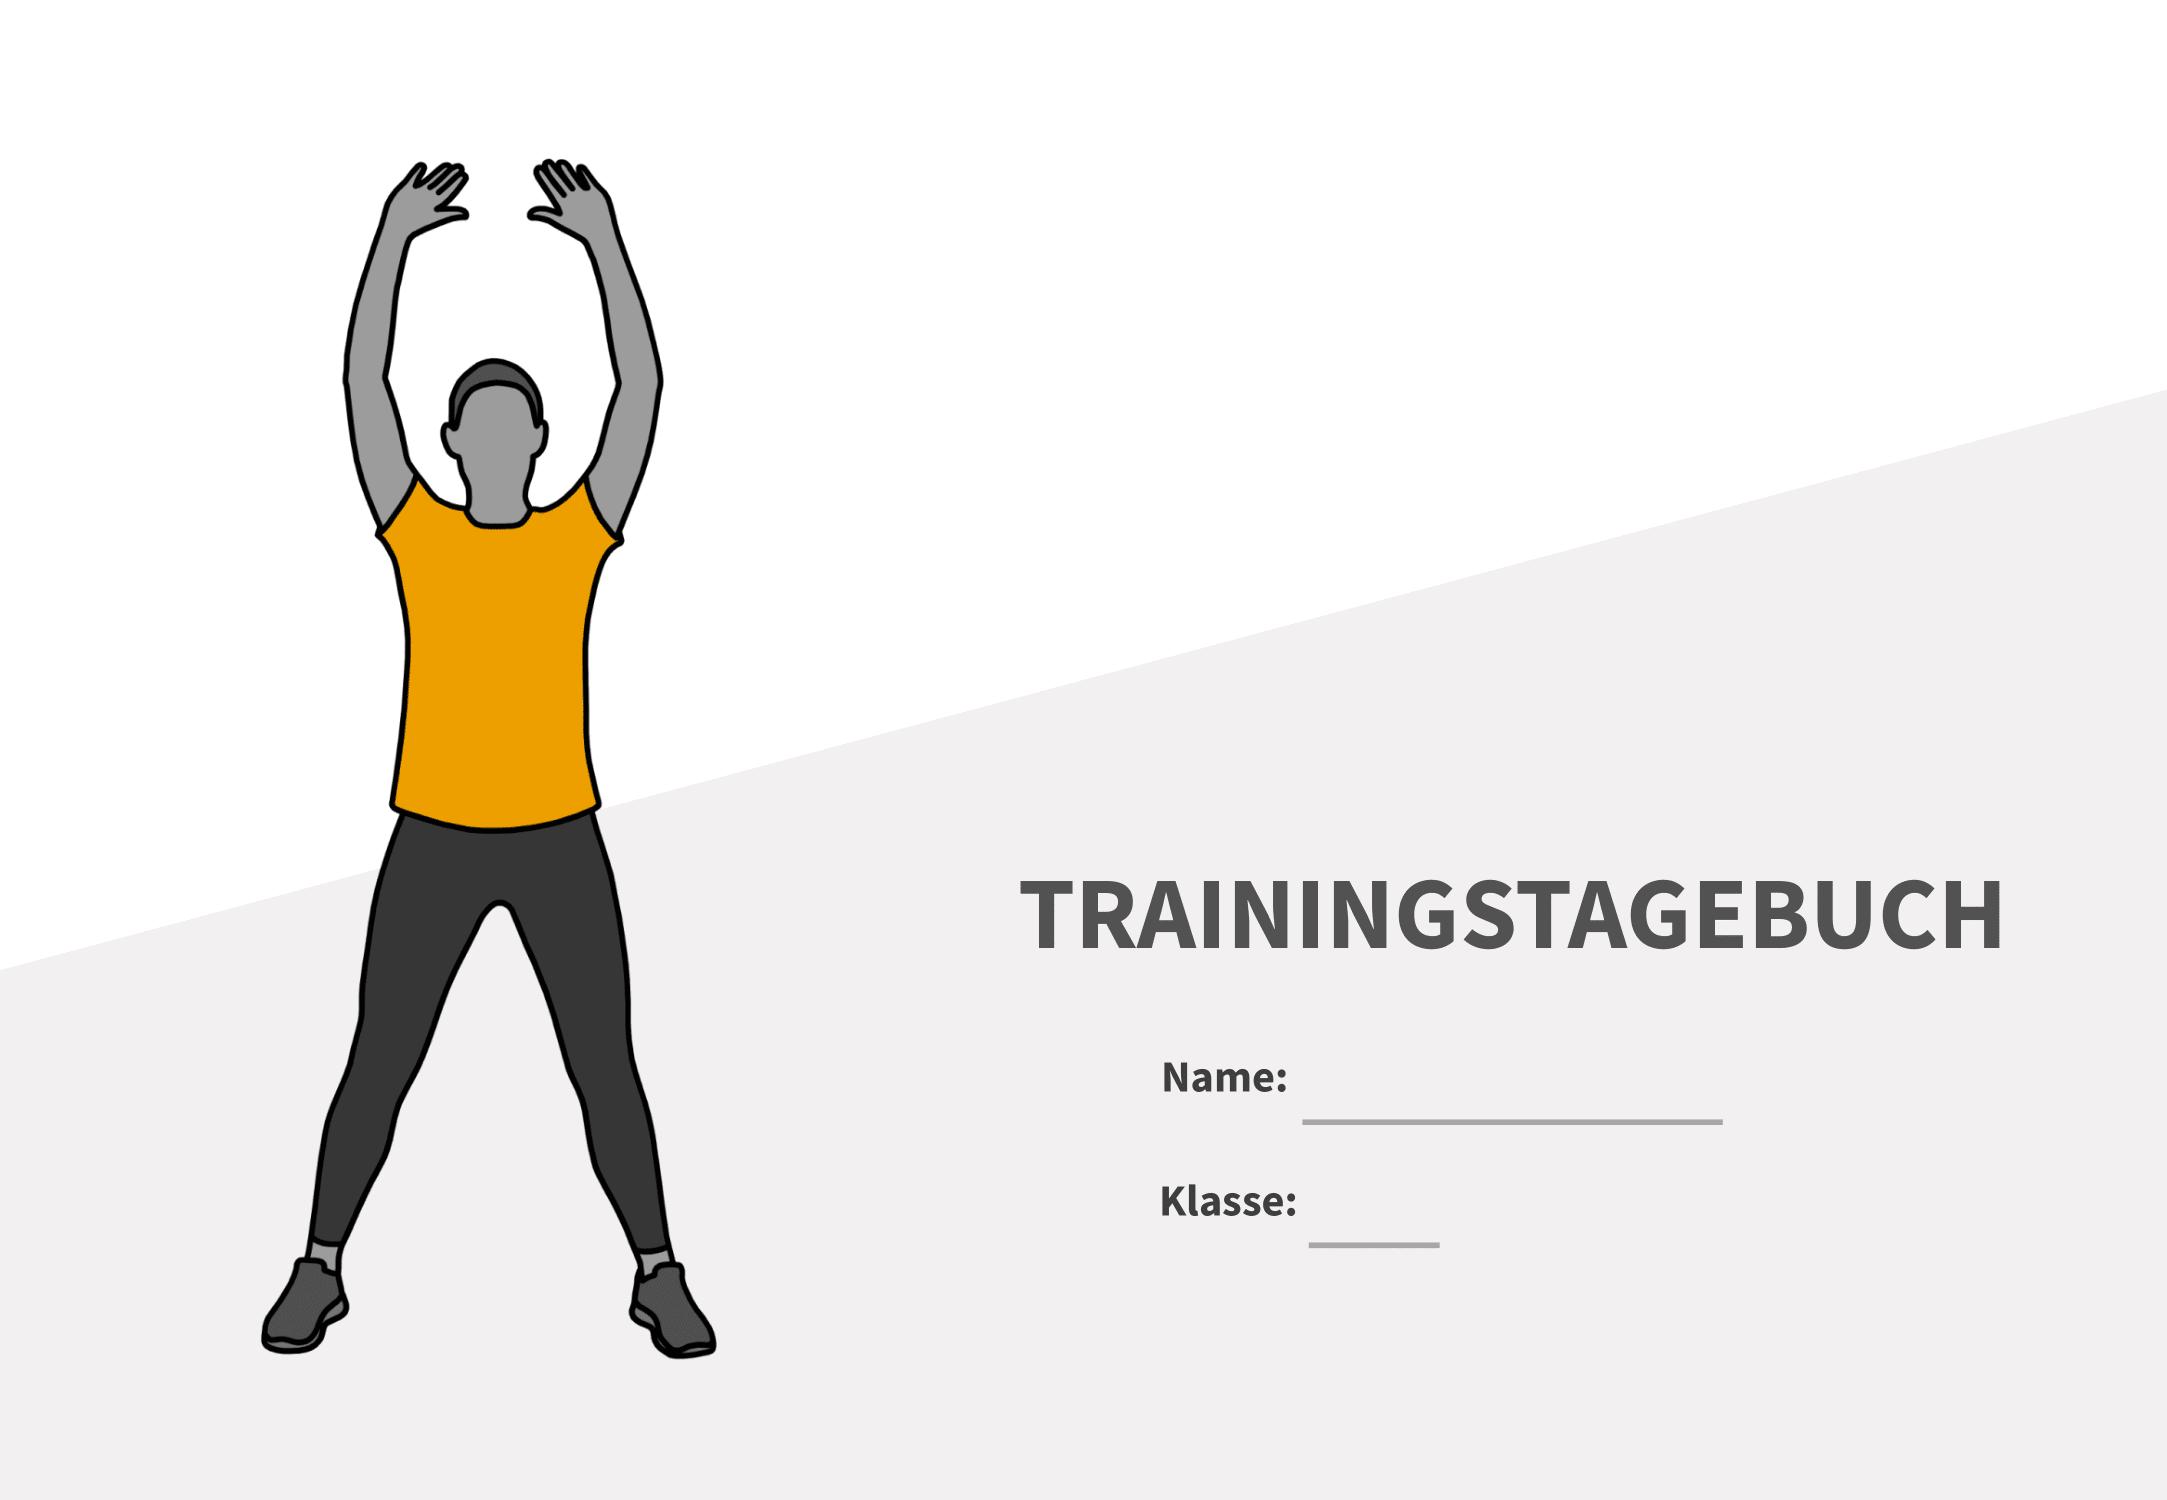 Deckblatt - Trainingstagebuch für Jugendliche